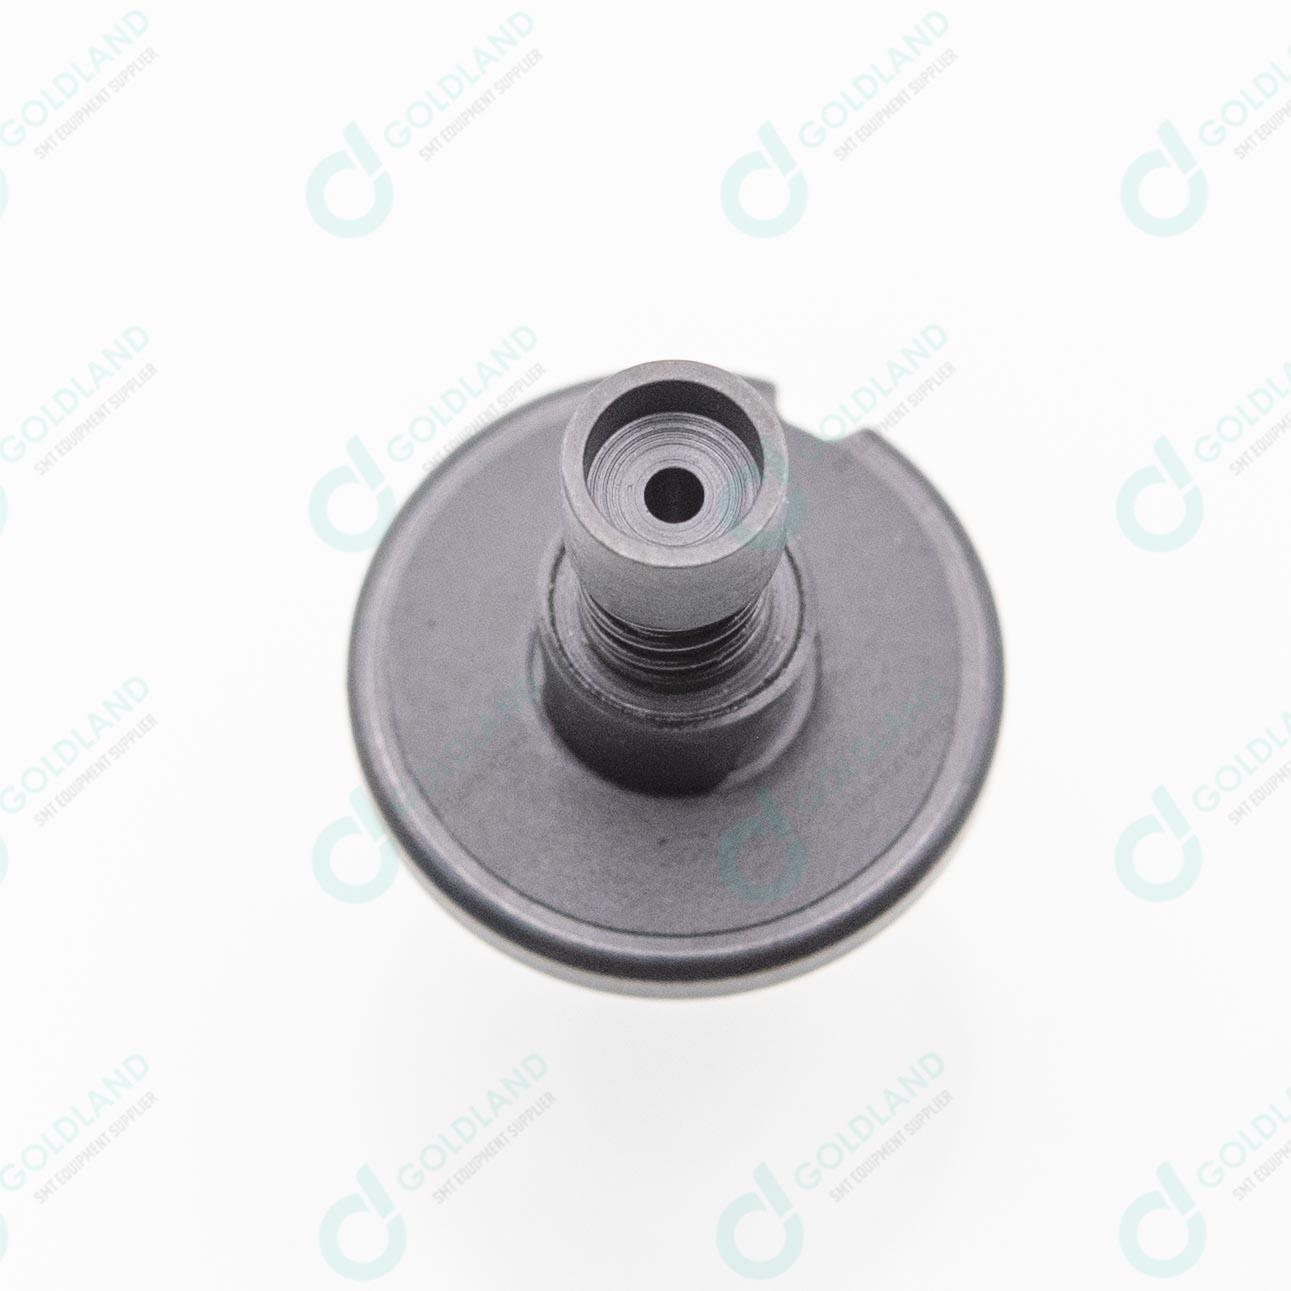 LC6-M772K-01 IPULSE NOZZLE P56 for IPULSE smt machine parts